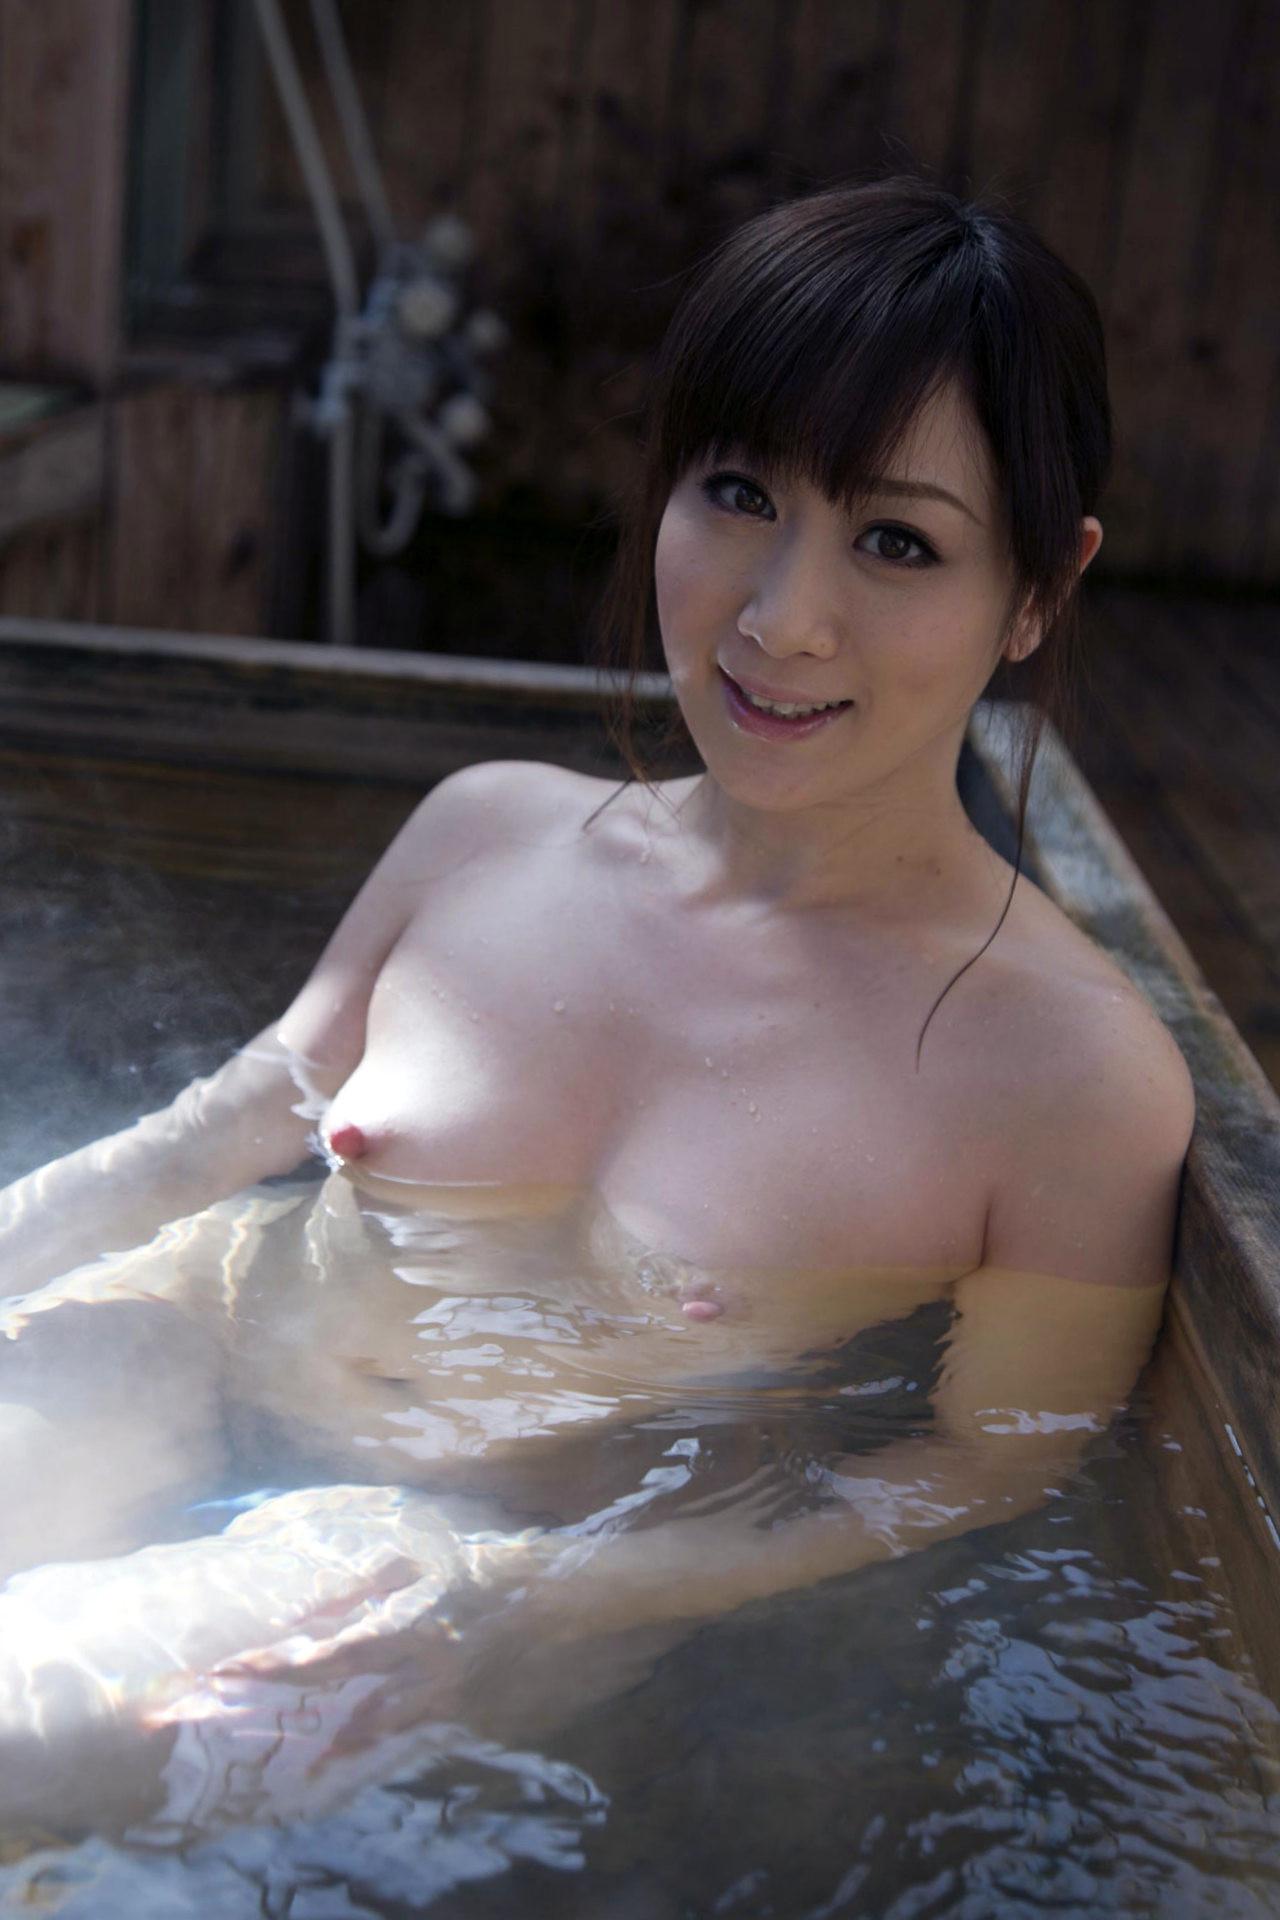 【入浴ヌード画像】湯船でまどろむ悩ましい女体のギャラリー 01